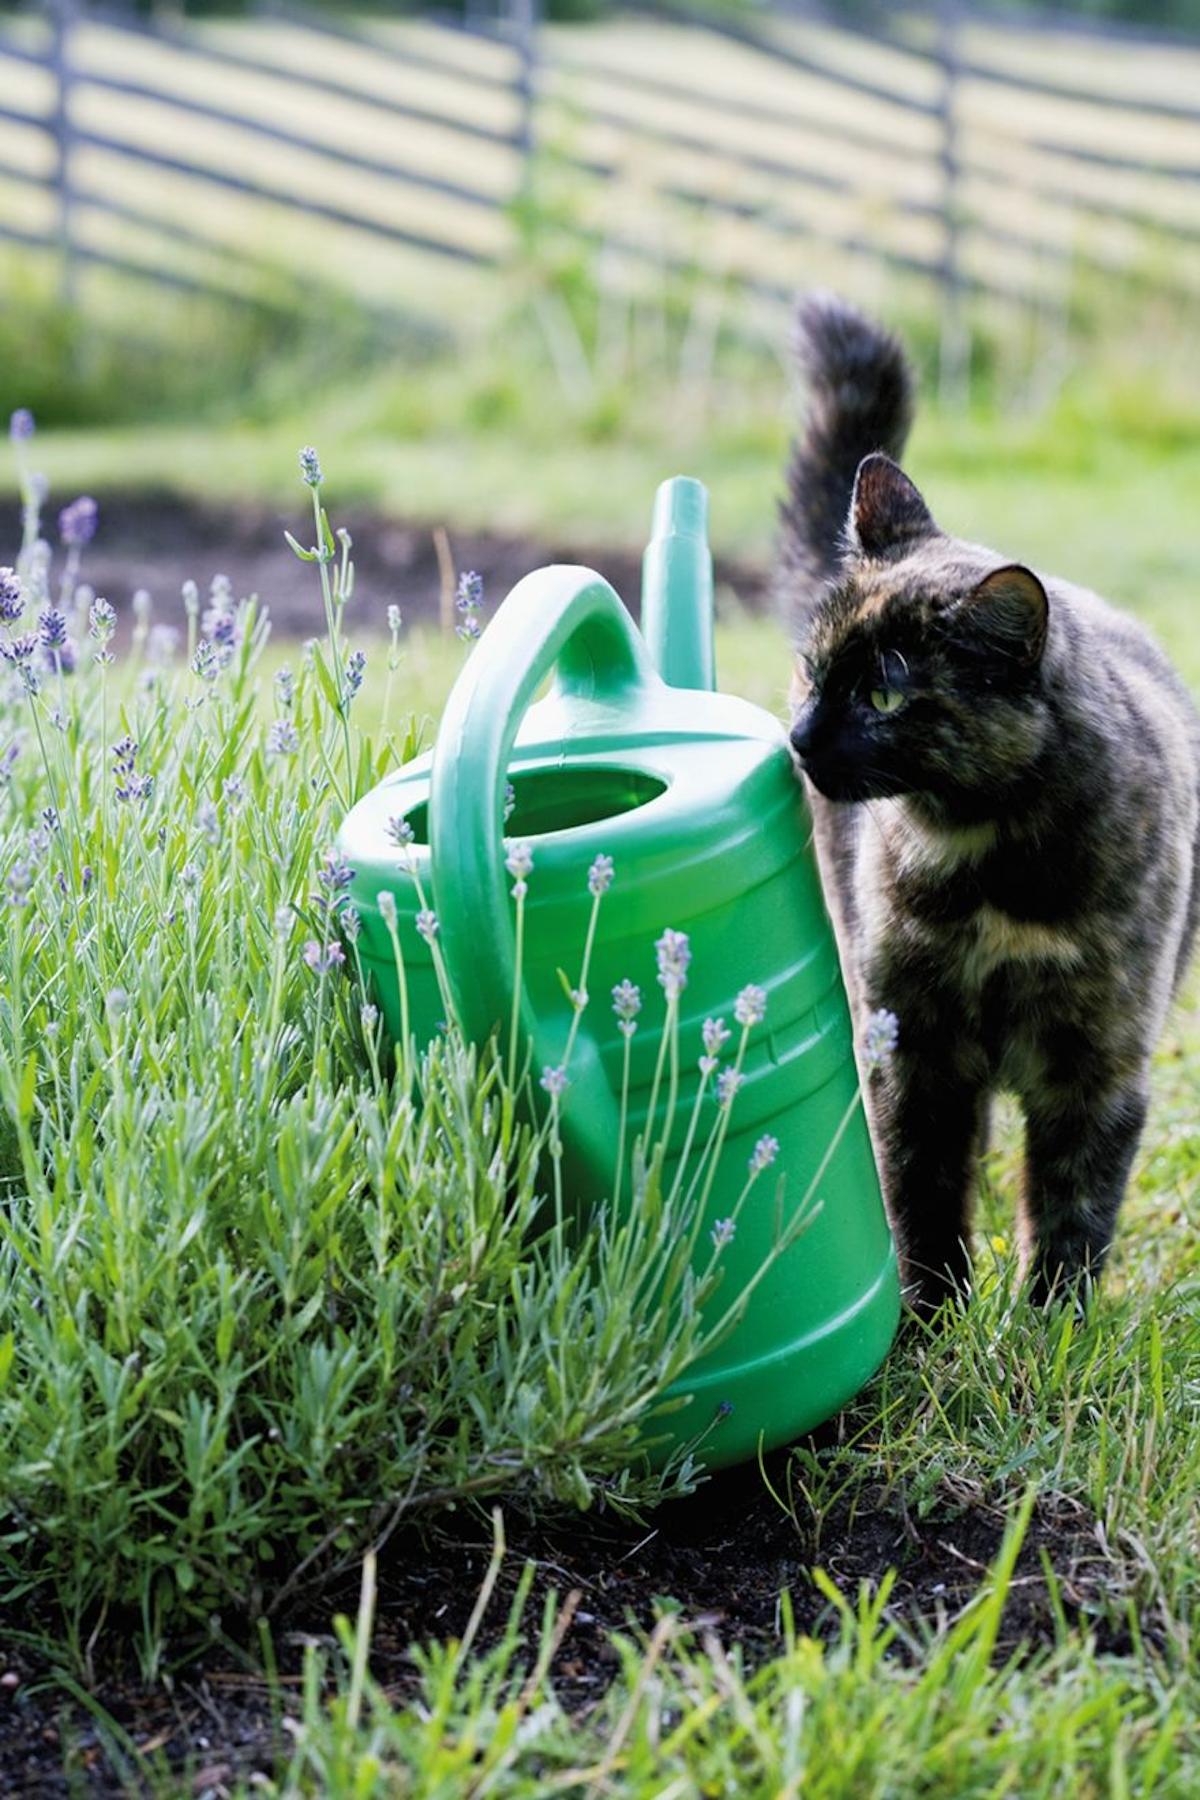 Koty mogą czuć pokusę picia z pojemników znajdujących się na zewnątrz, takich jak konewki. Opiekunowie powinni zatem dopilnować, by usunąć z nich wszelkie pozostałości toksycznych chemikaliów.